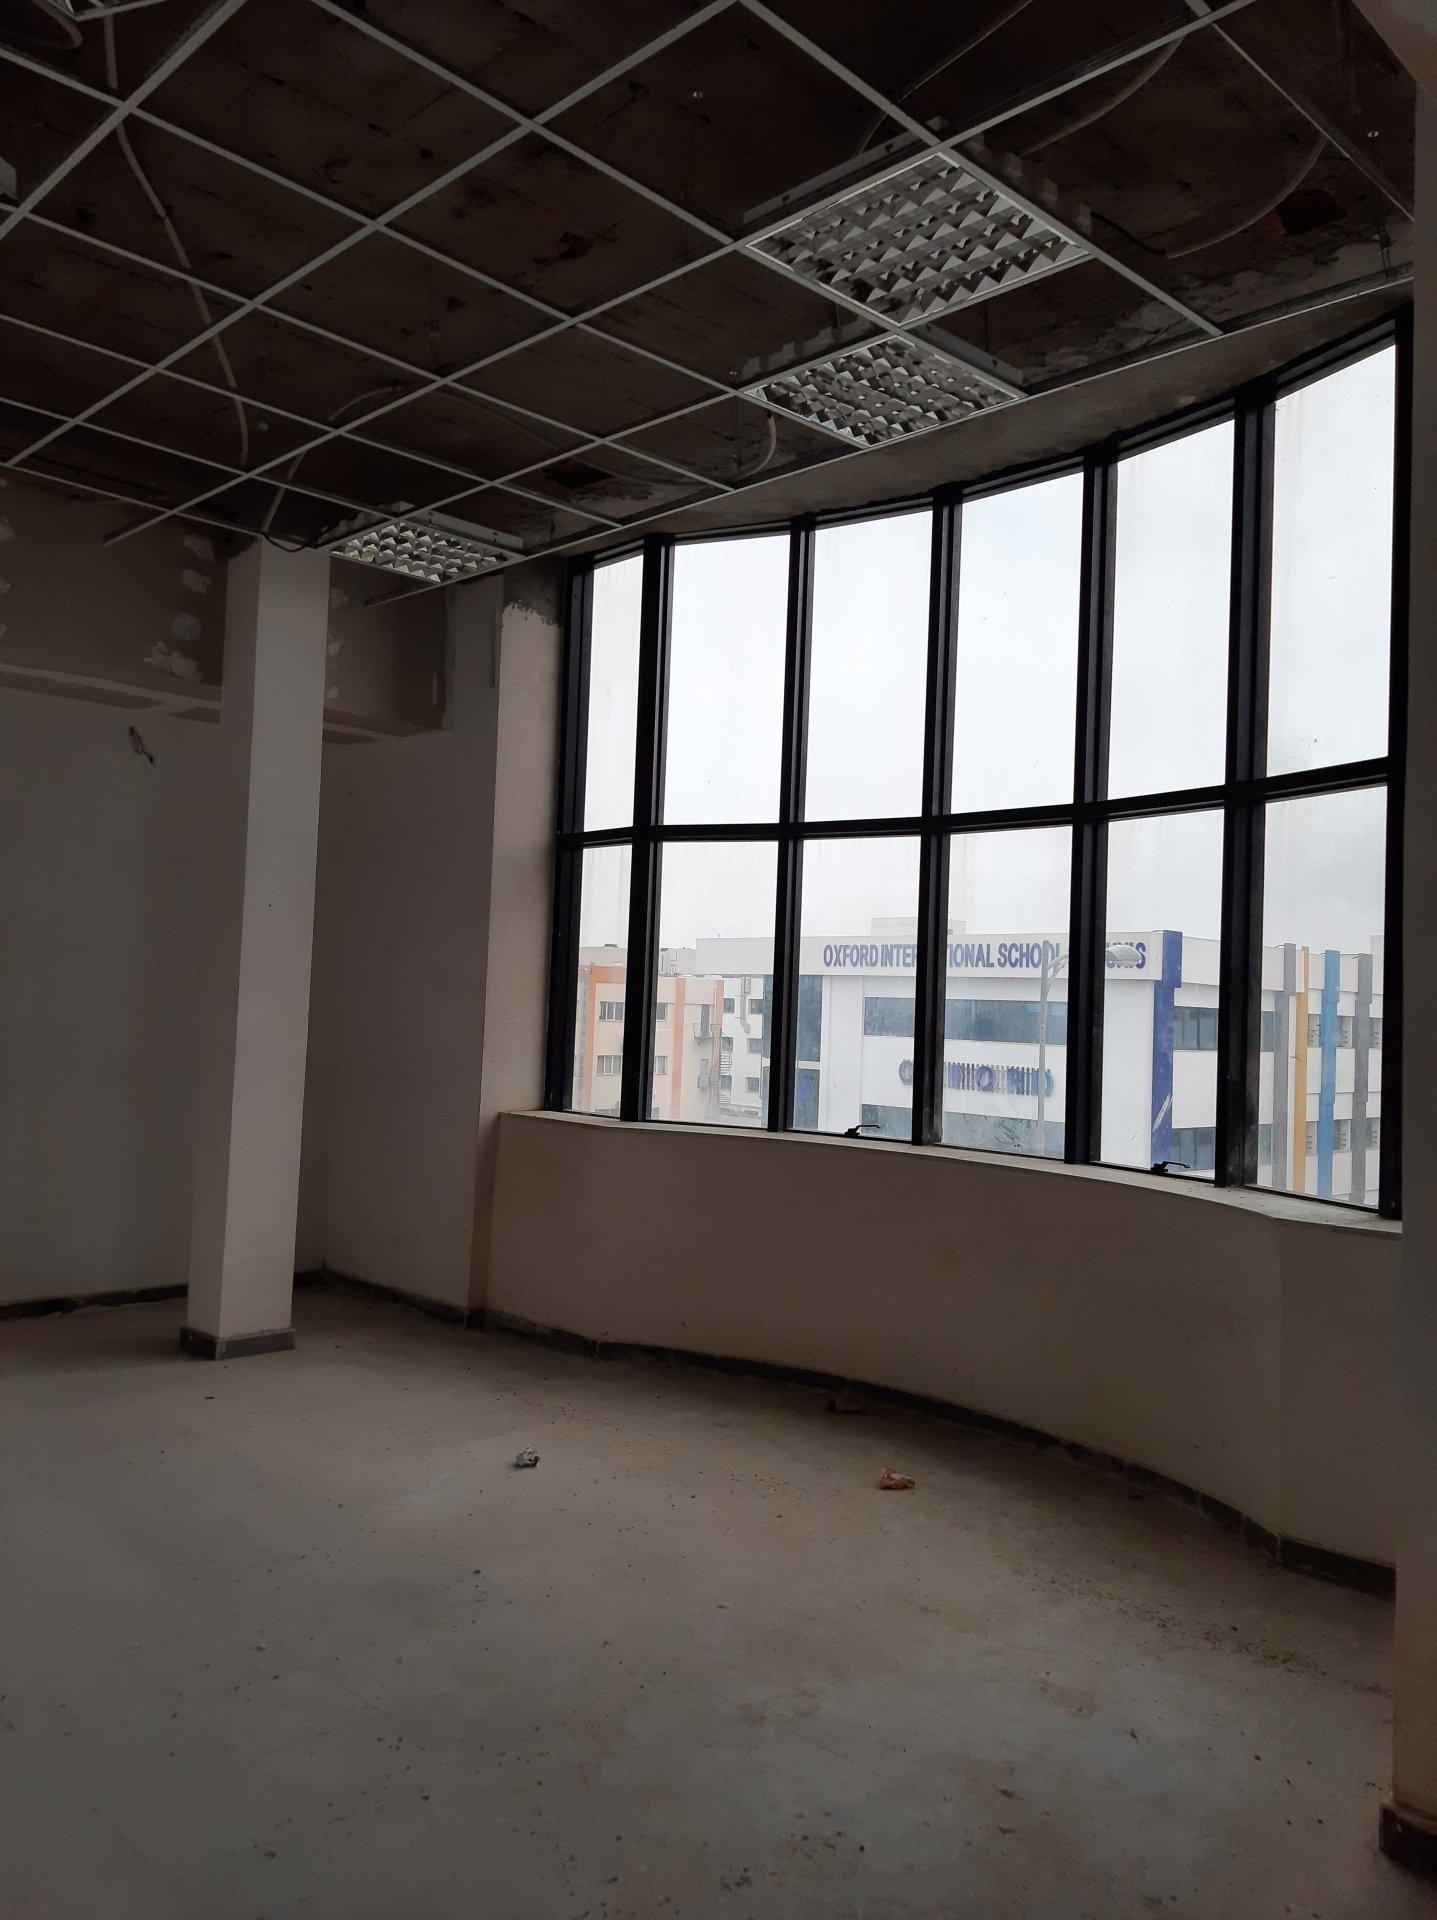 Location immeuble de bureaux inachevé au Lac 3